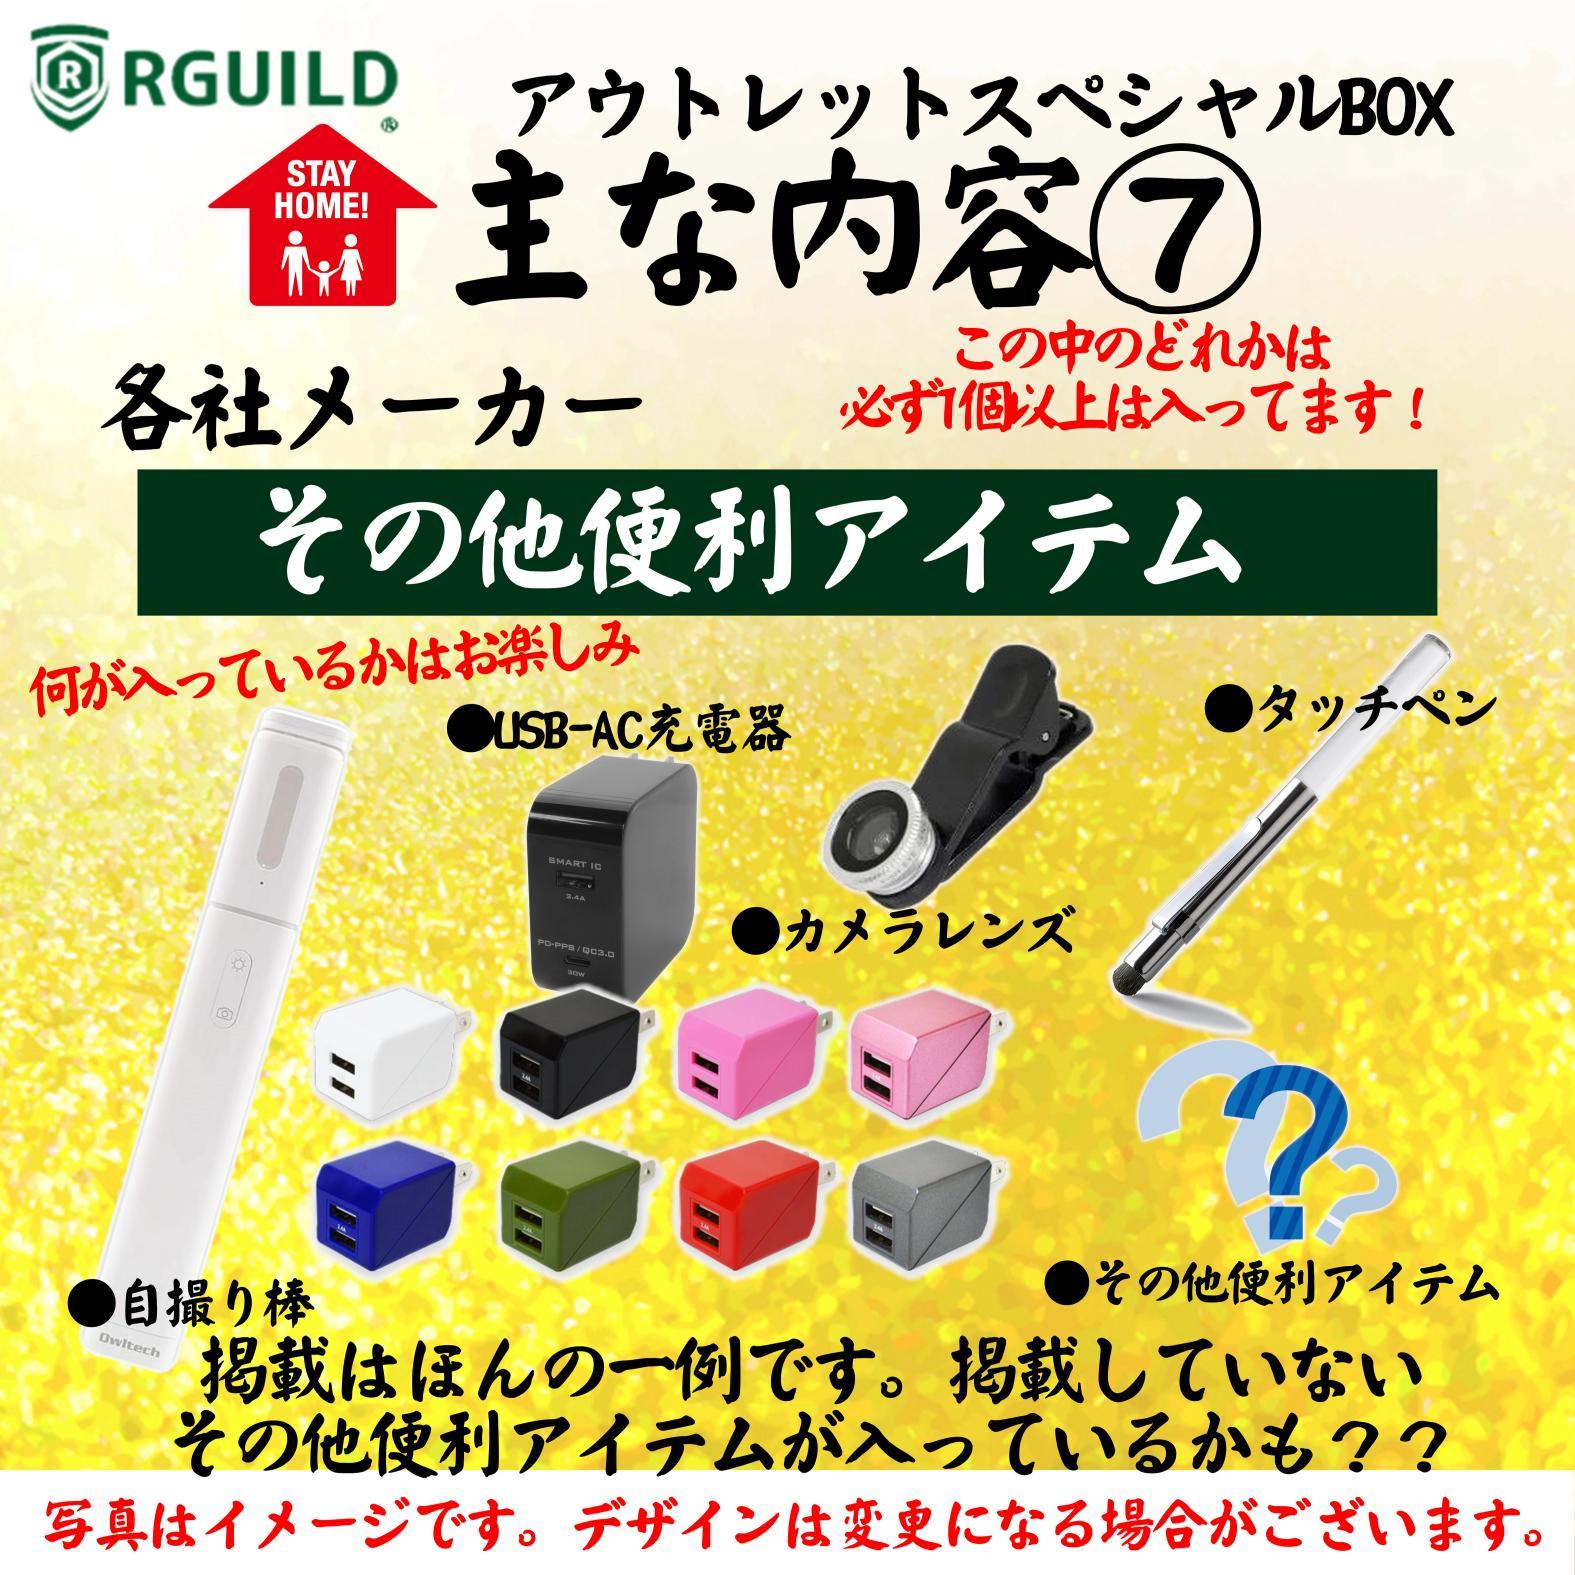 感染症対策応援BOX 抽選プレゼント 選べるBlutooh音響・大容量10000mAhモバイルバッテリー・アウトレットスマホBOX iPhone 6/6s/7/8/Se2/11/Xr/Xsmaxデラックス